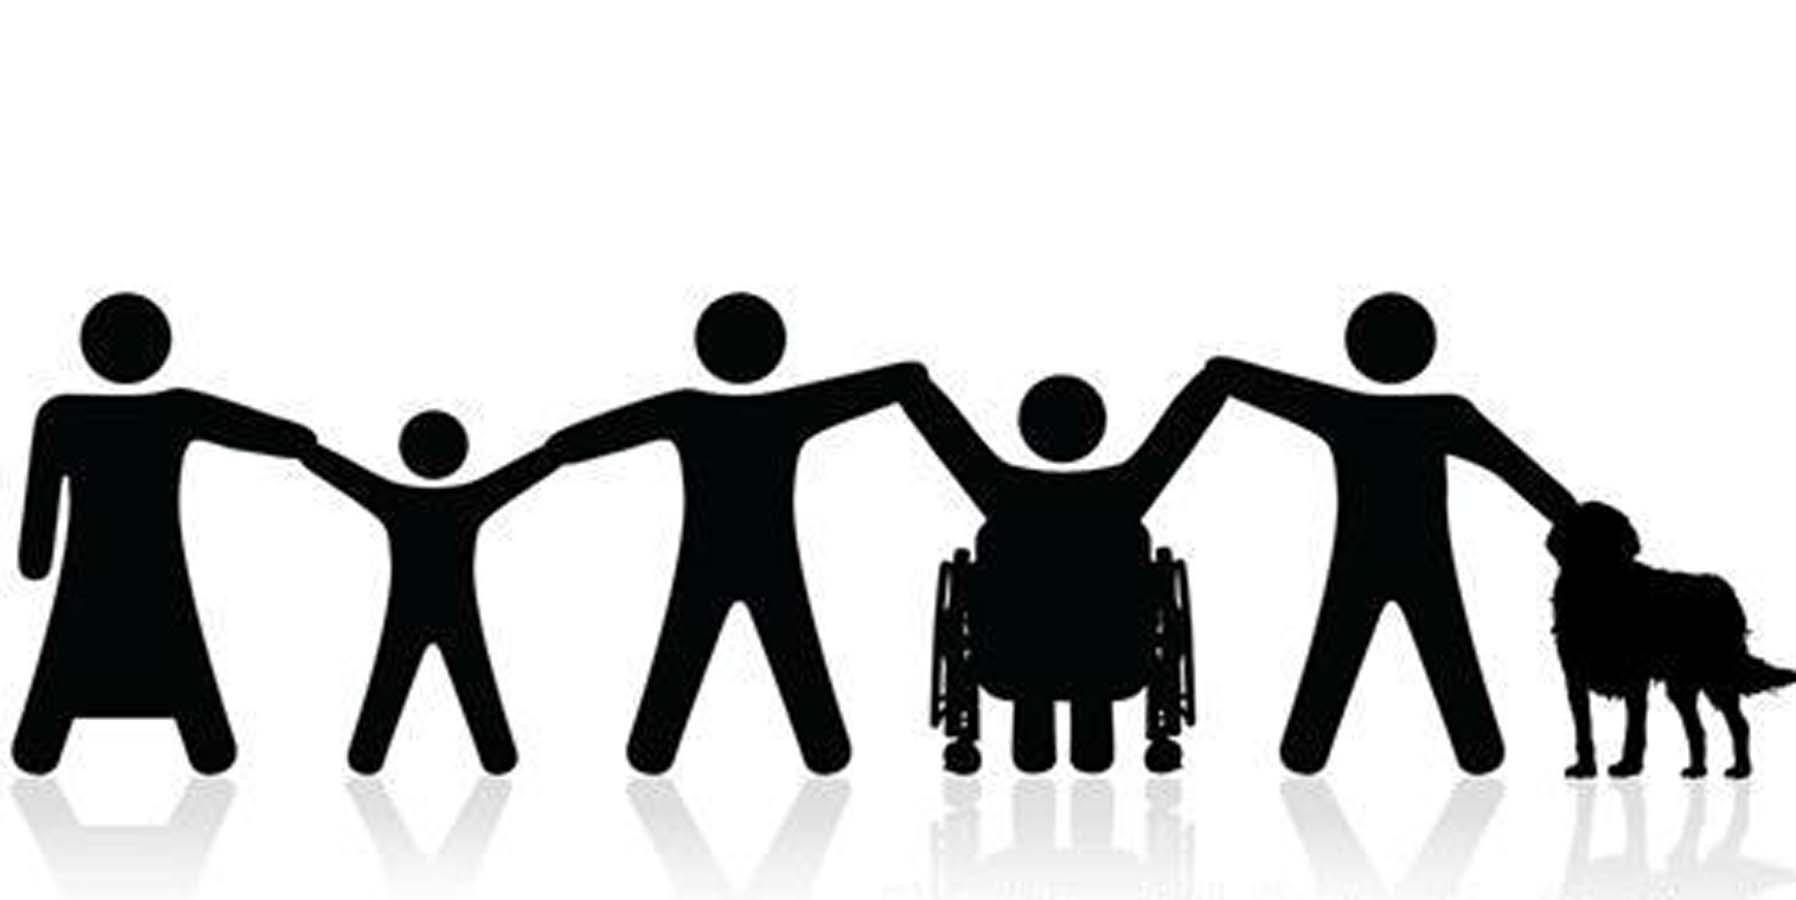 Engelli Personel İstihdamı Yüzde 3'den 5'e Çıkarılmalıdır